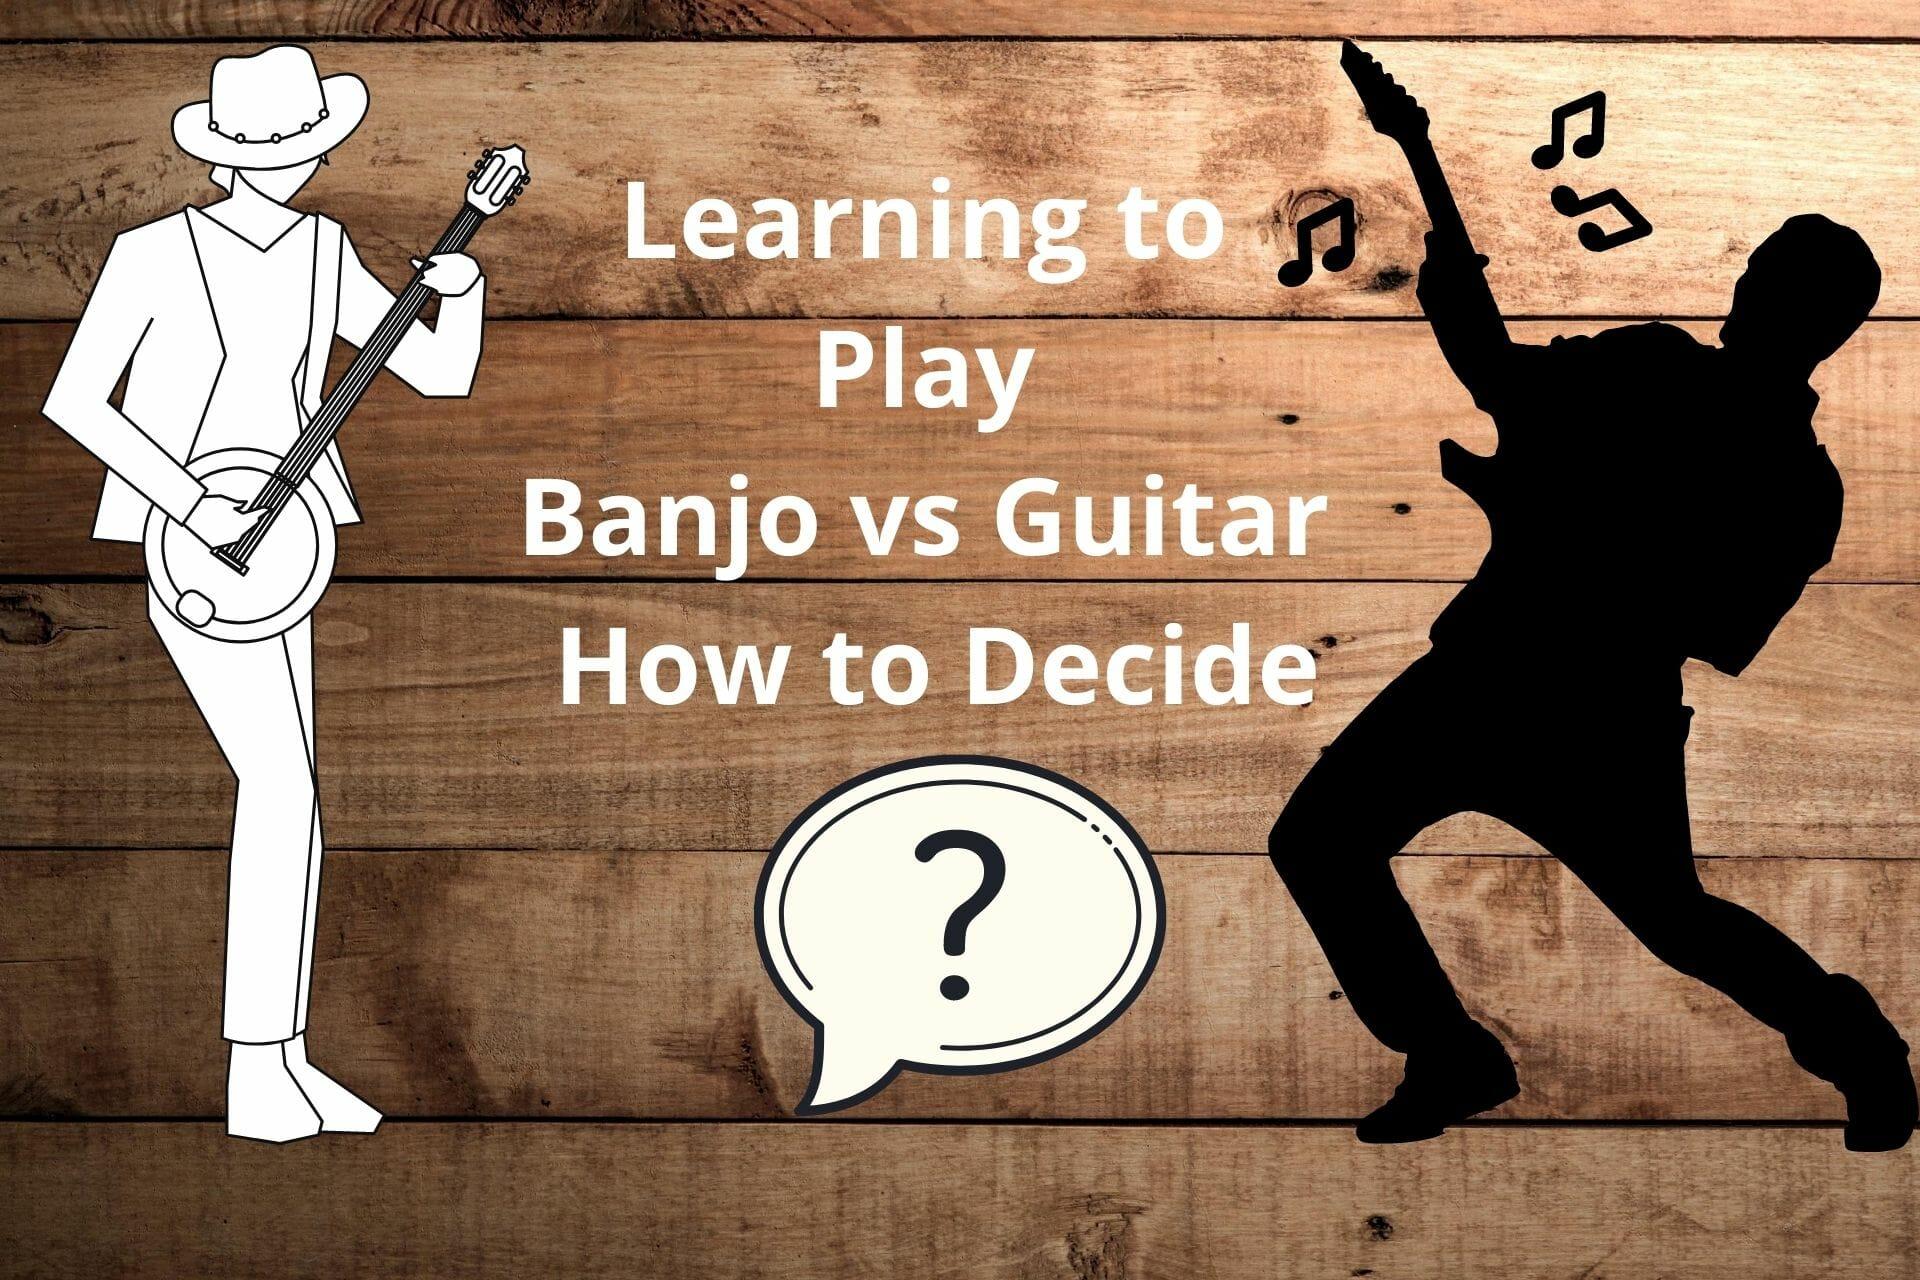 banjo vs guitar